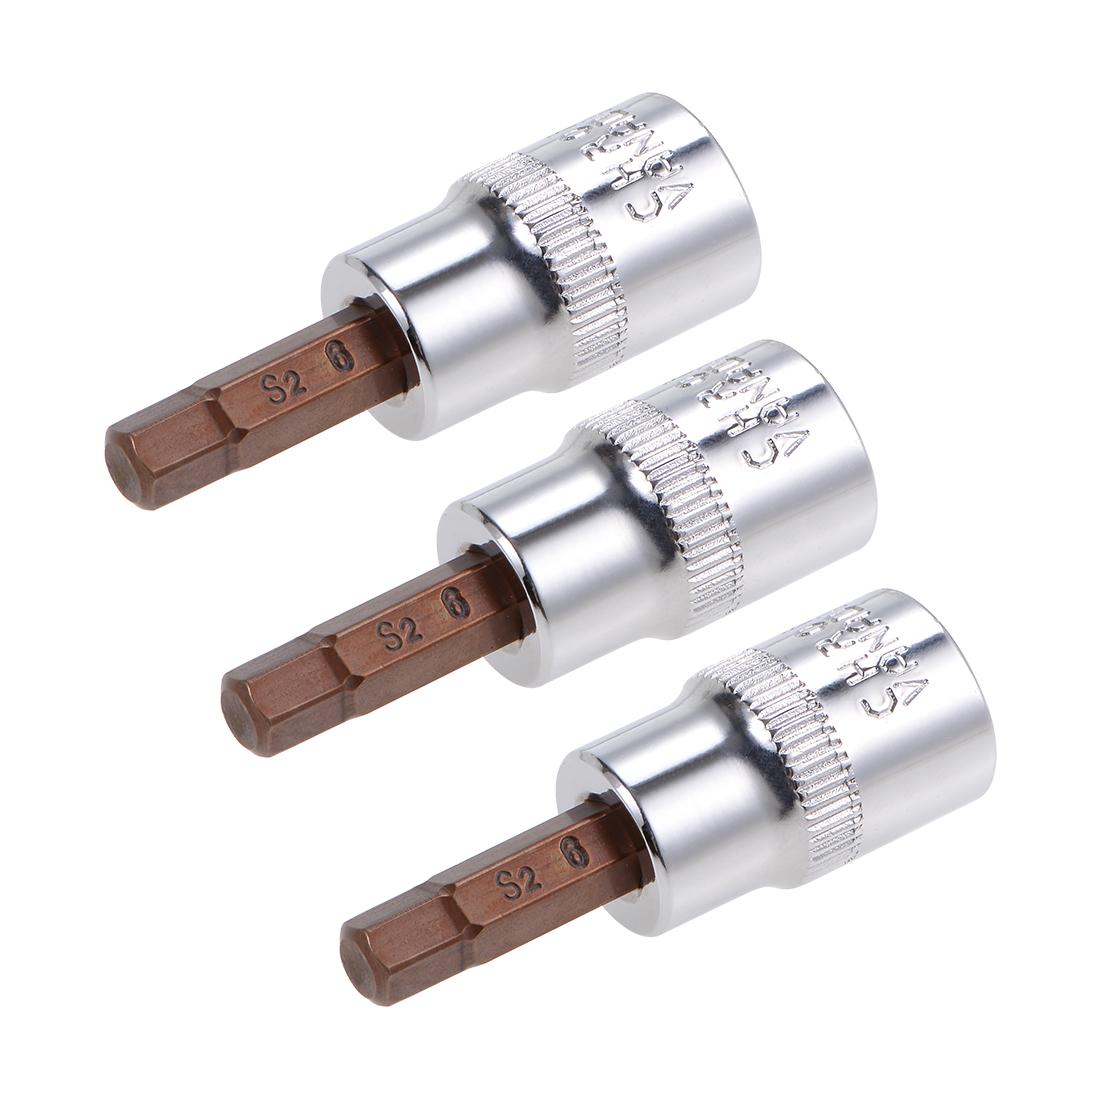 """3 Pcs 3/8"""" Drive x 6mm Hex Bit Socket, Standard Metric, S2 & Cr-V Steel"""